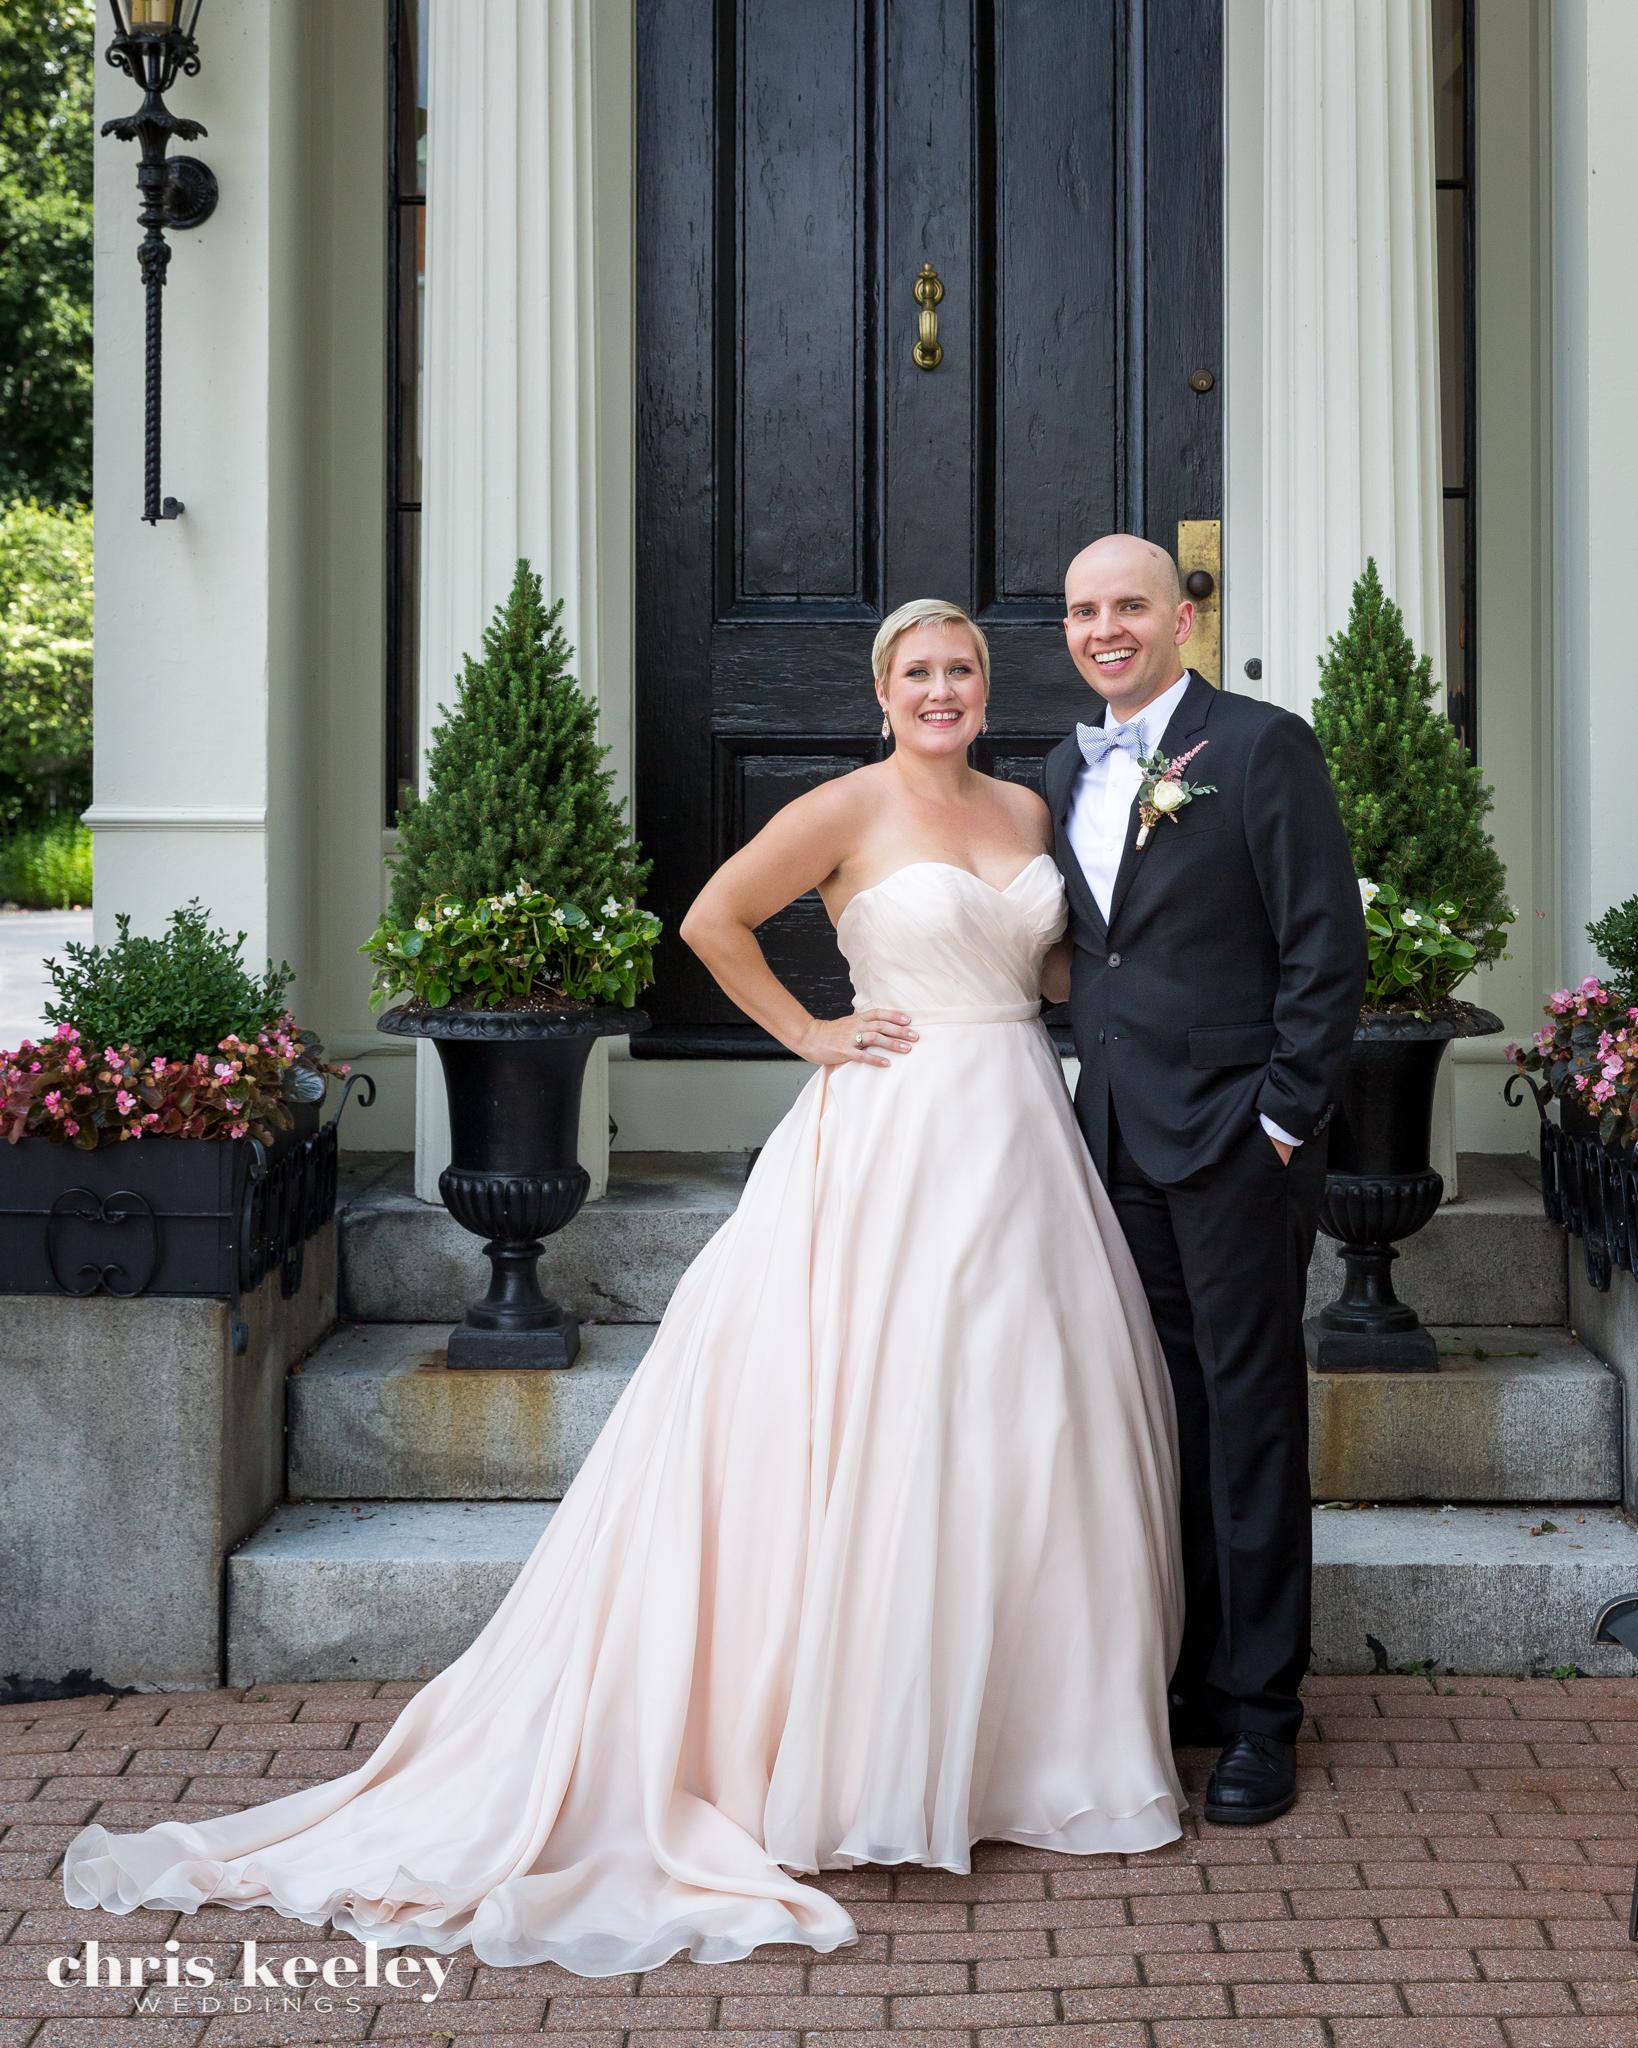 1130-Chris-Keeley-Weddings-998 wmk.jpg